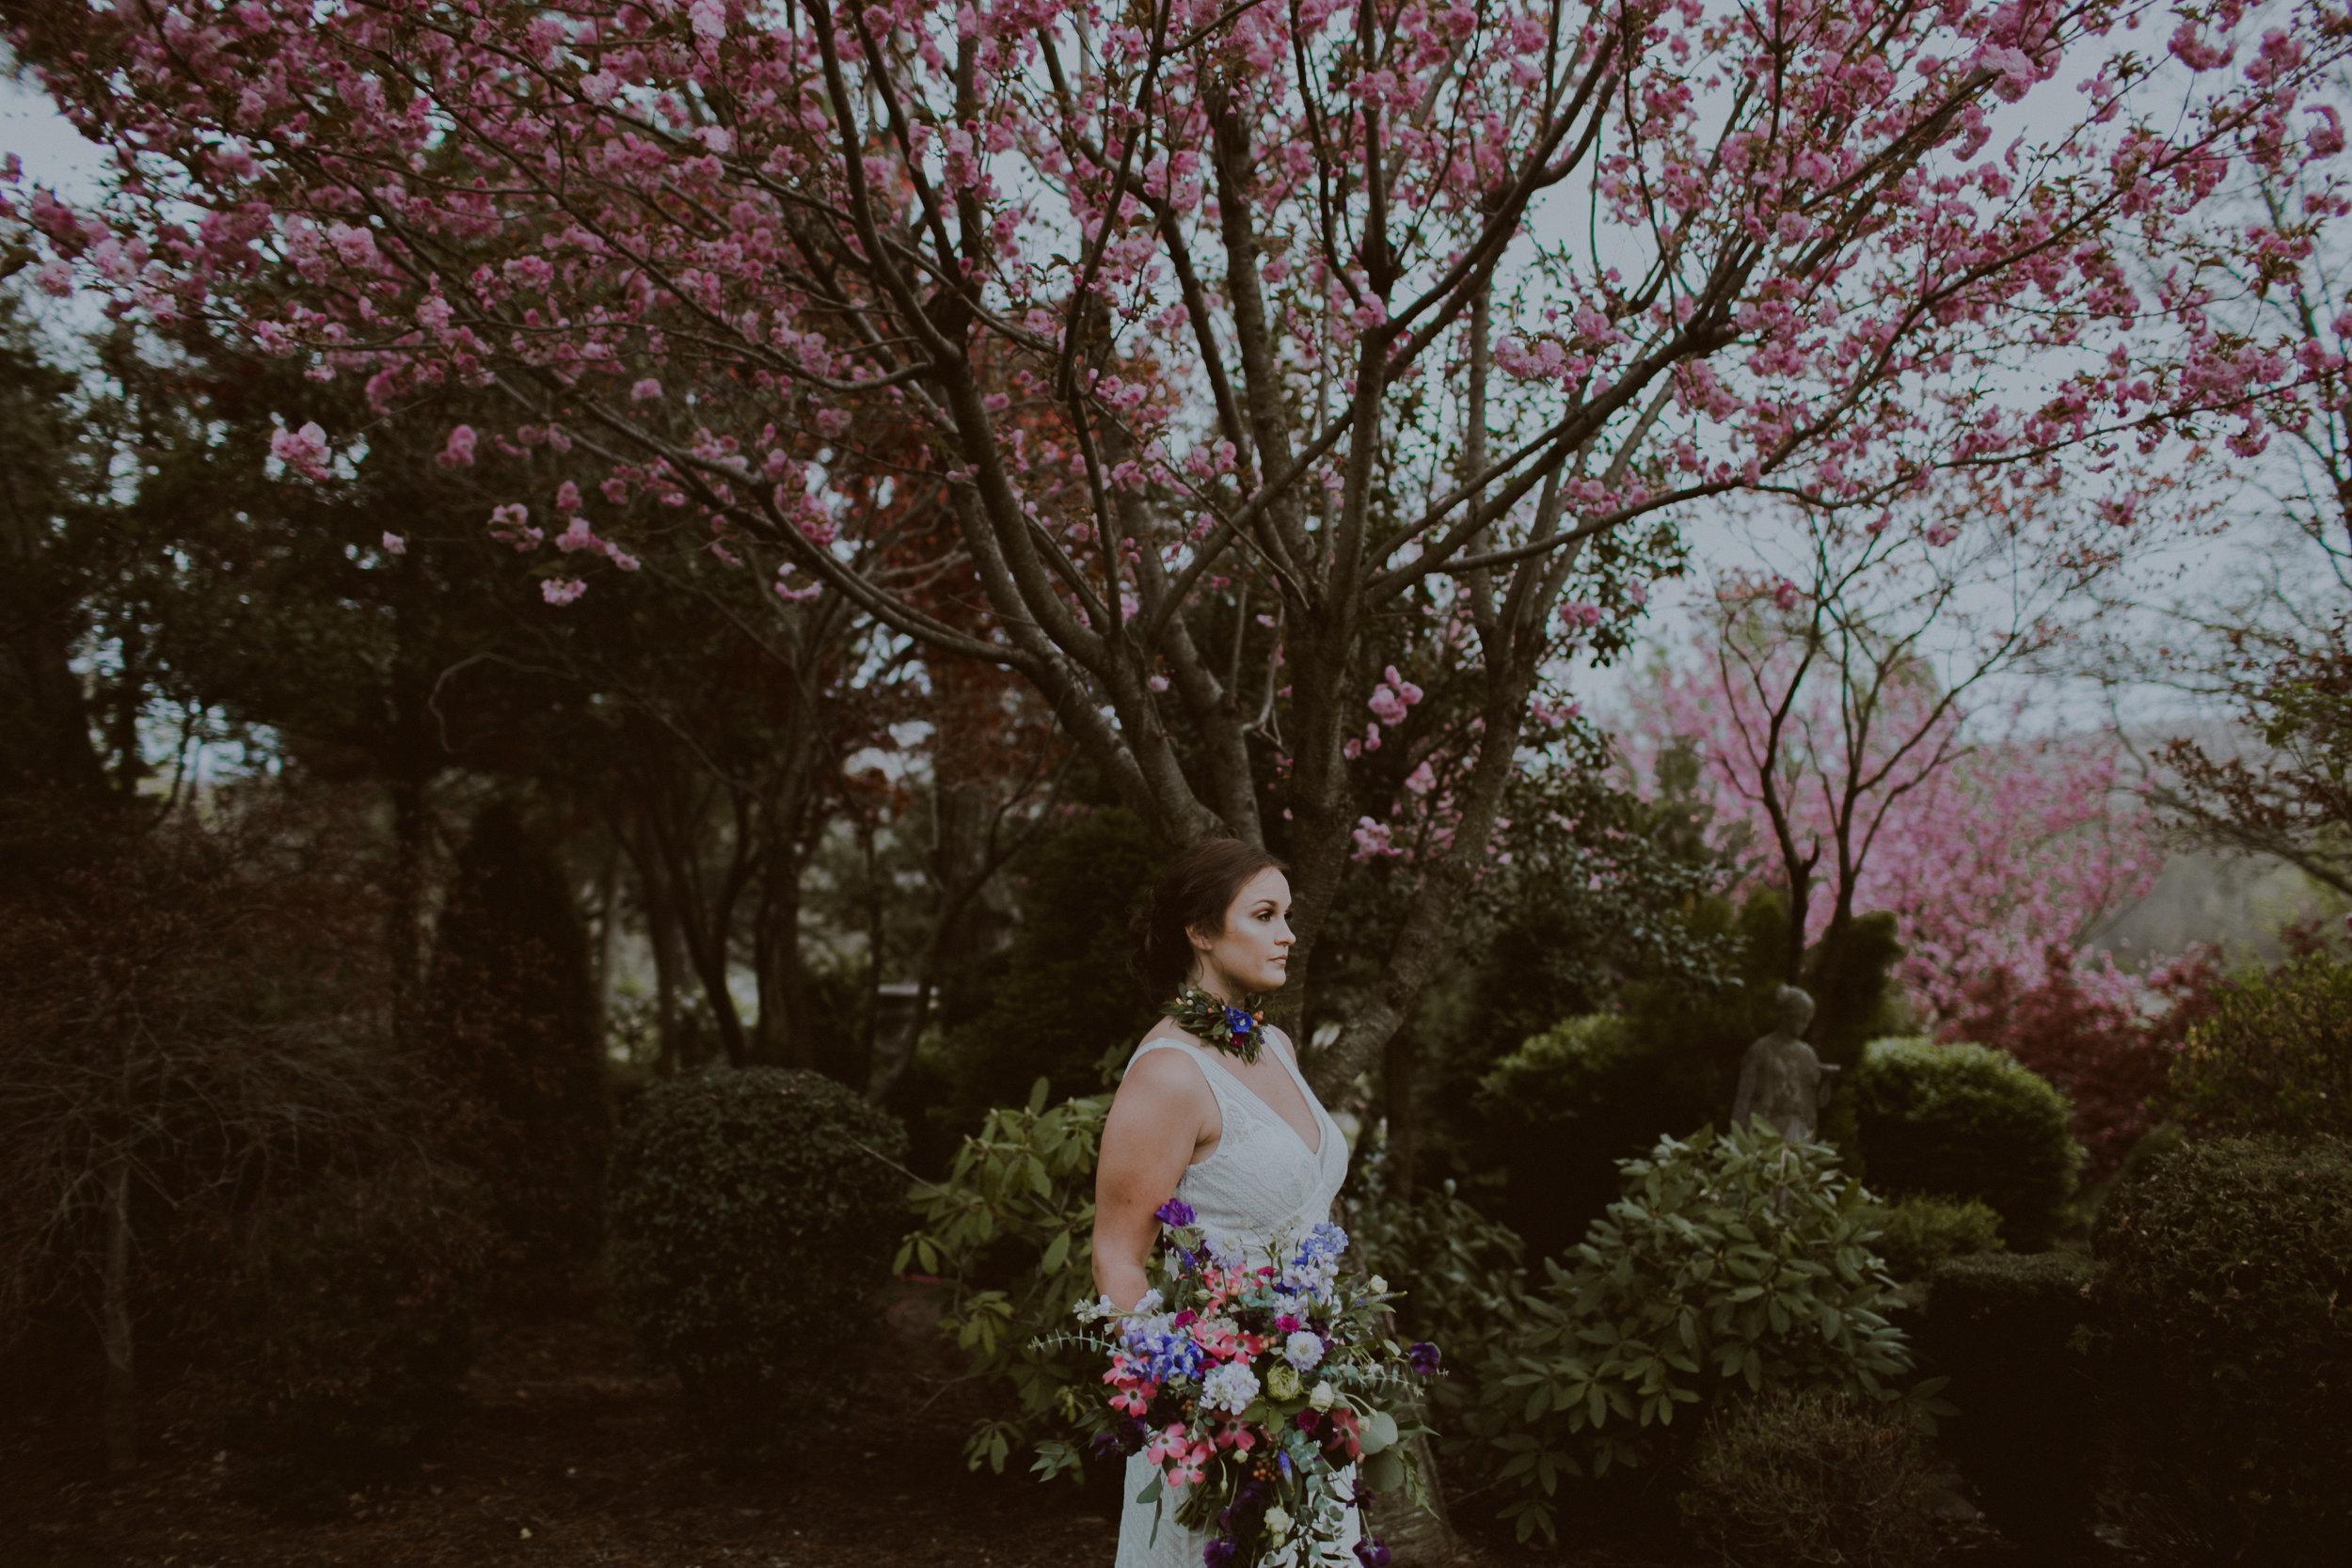 spring-197.jpg